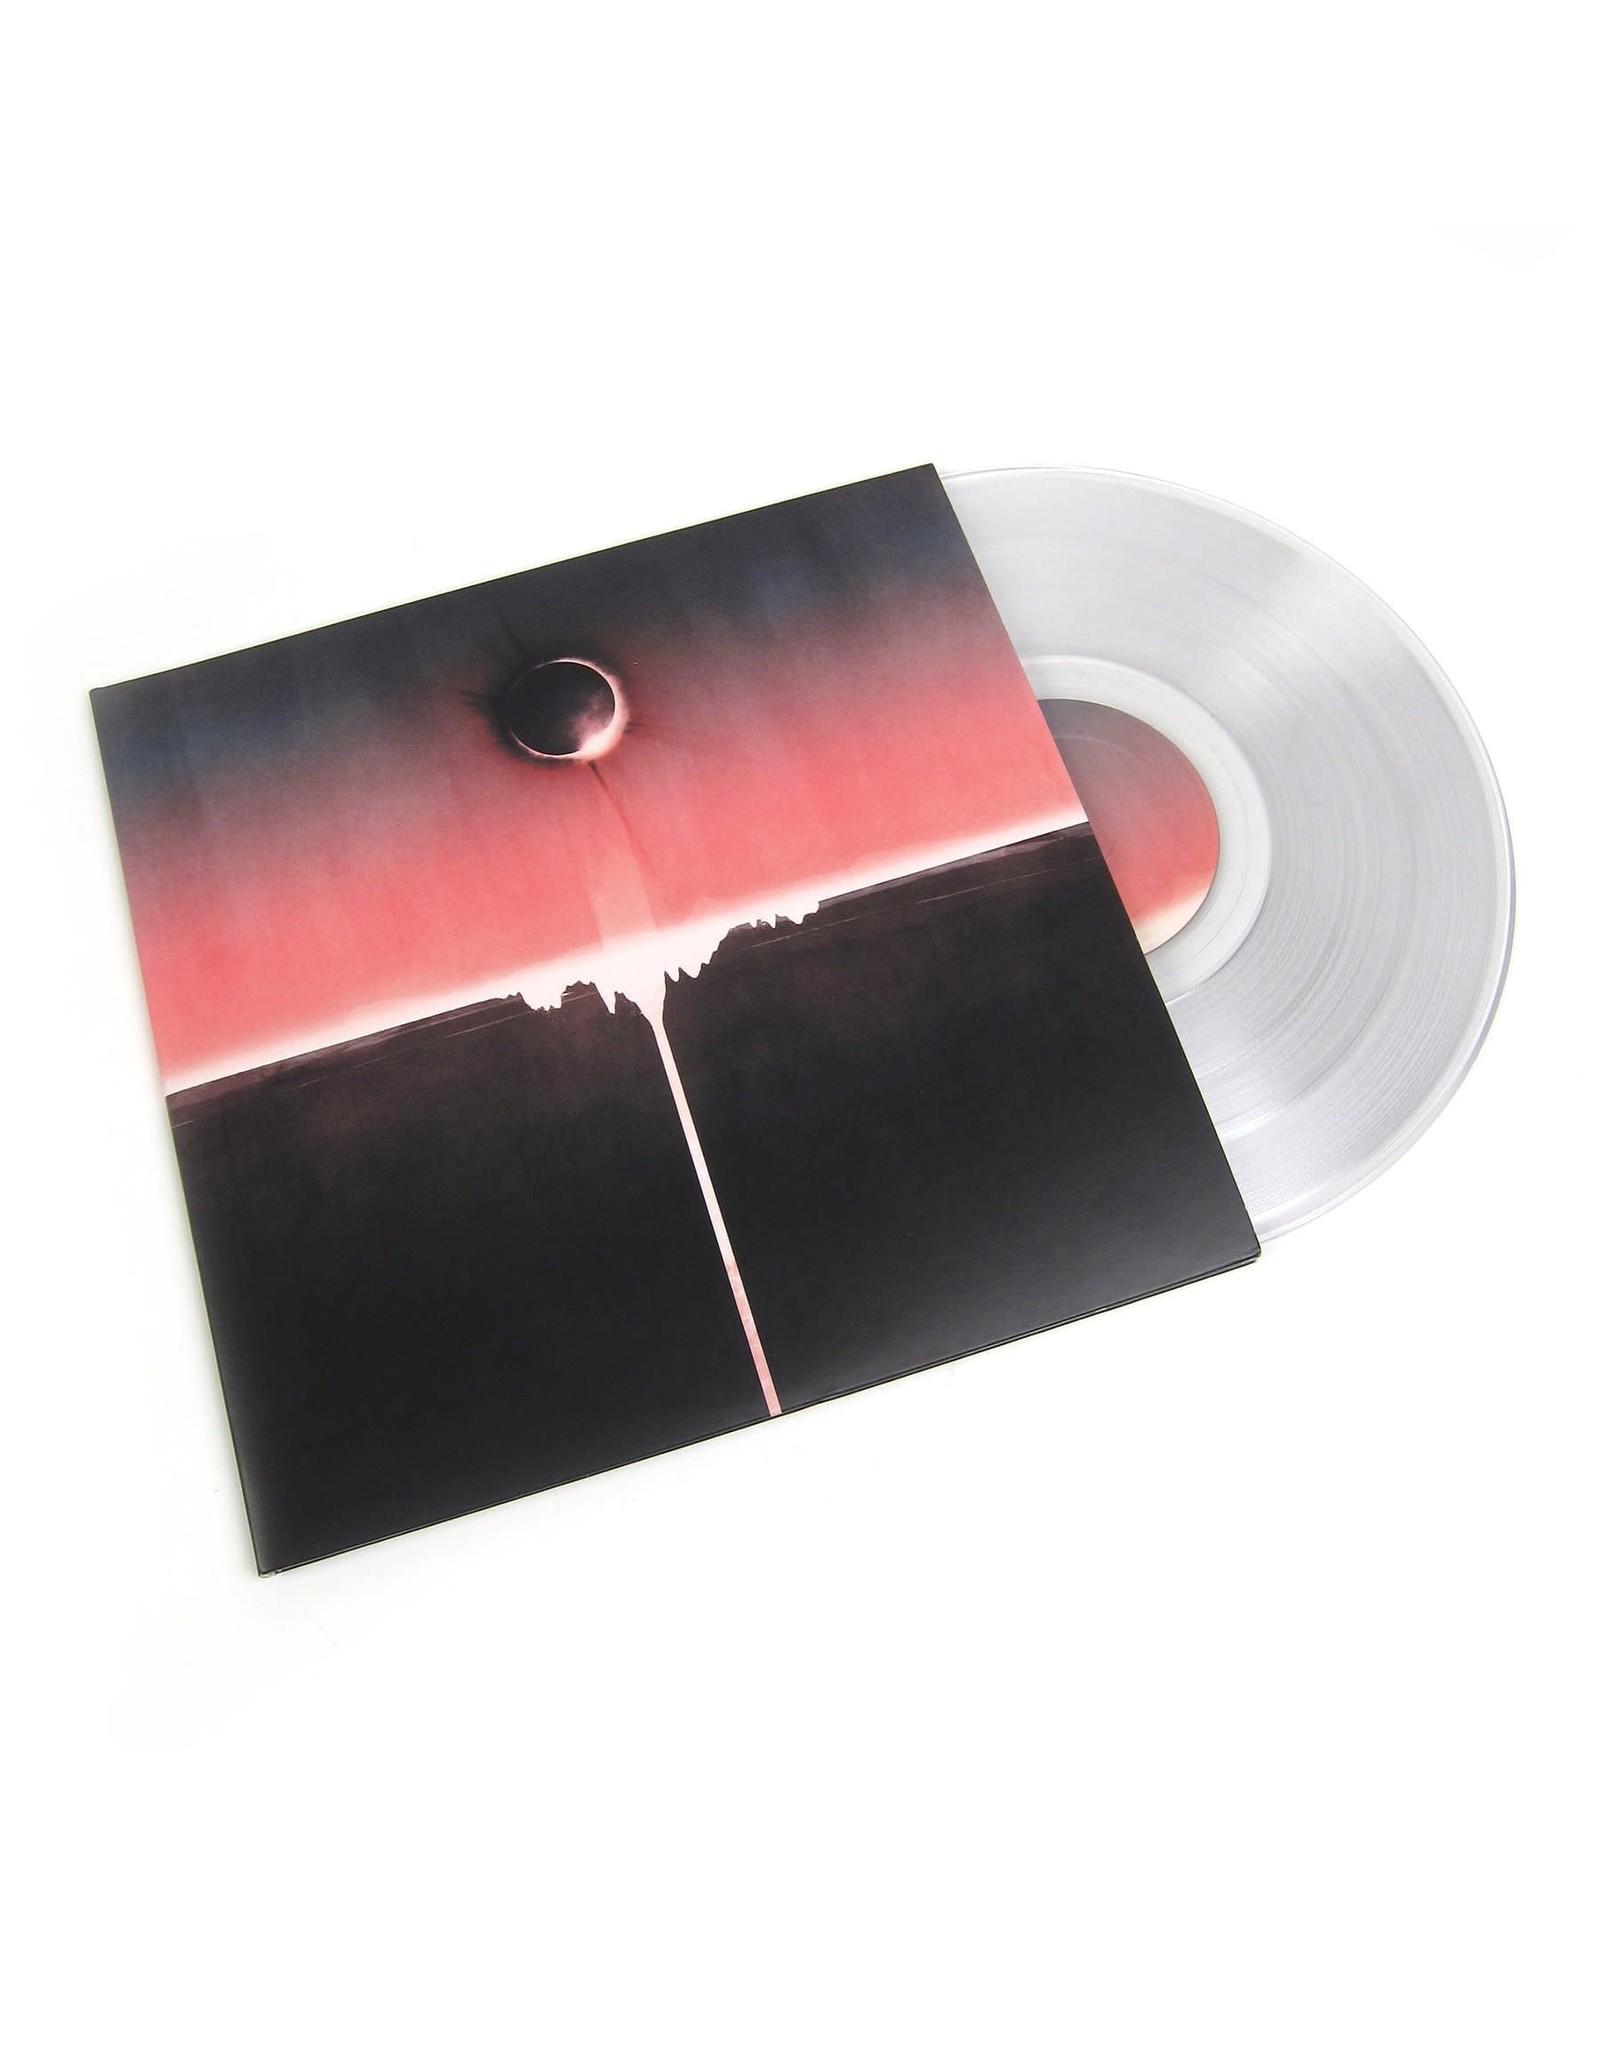 Mogwai - Every Country's Sun (Double Clear Vinyl) LP